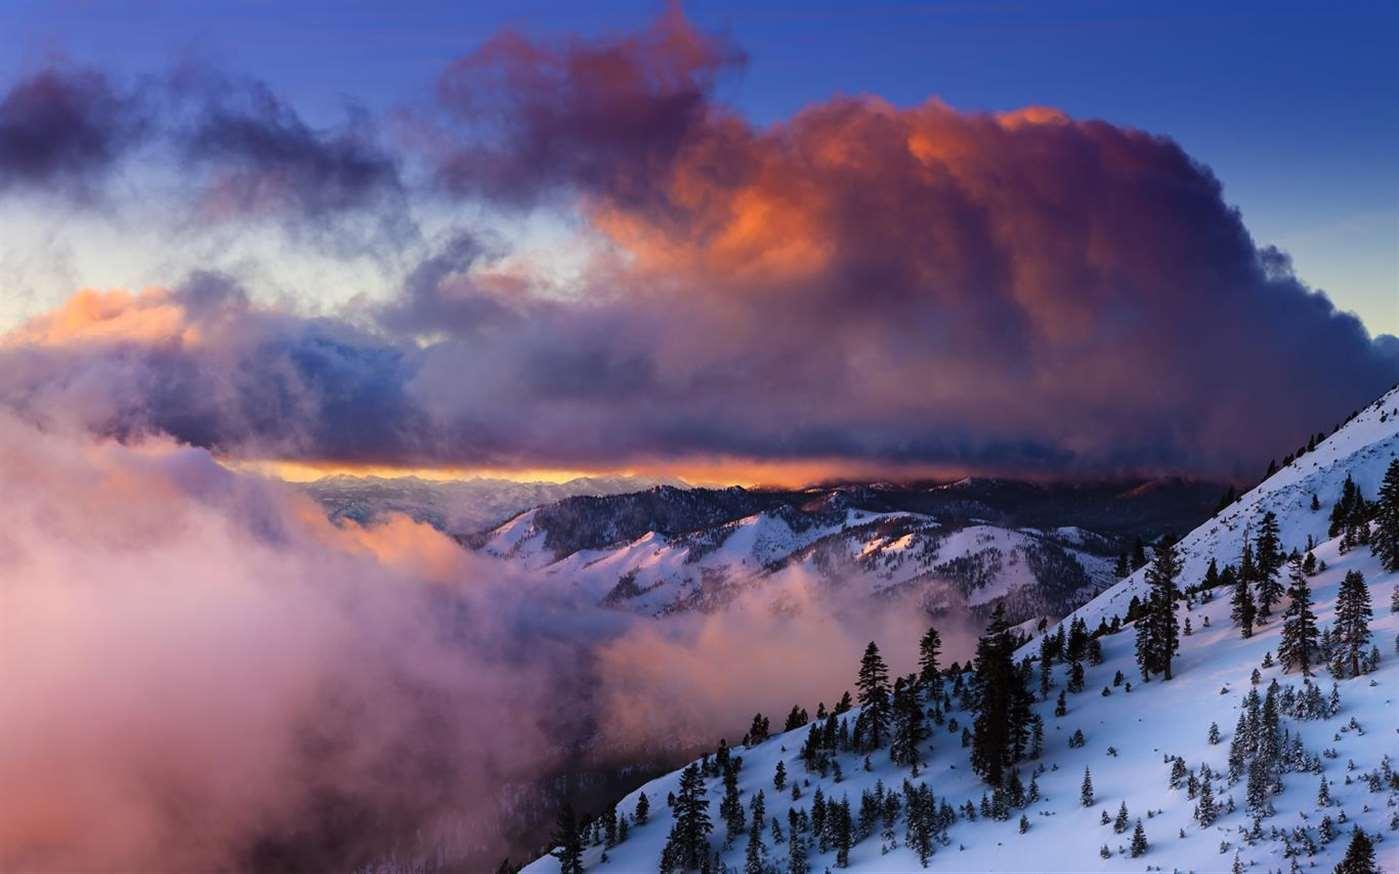 微软又发三款Win 10壁纸包:雨伞/滑雪/春天艺术的图片 第7张